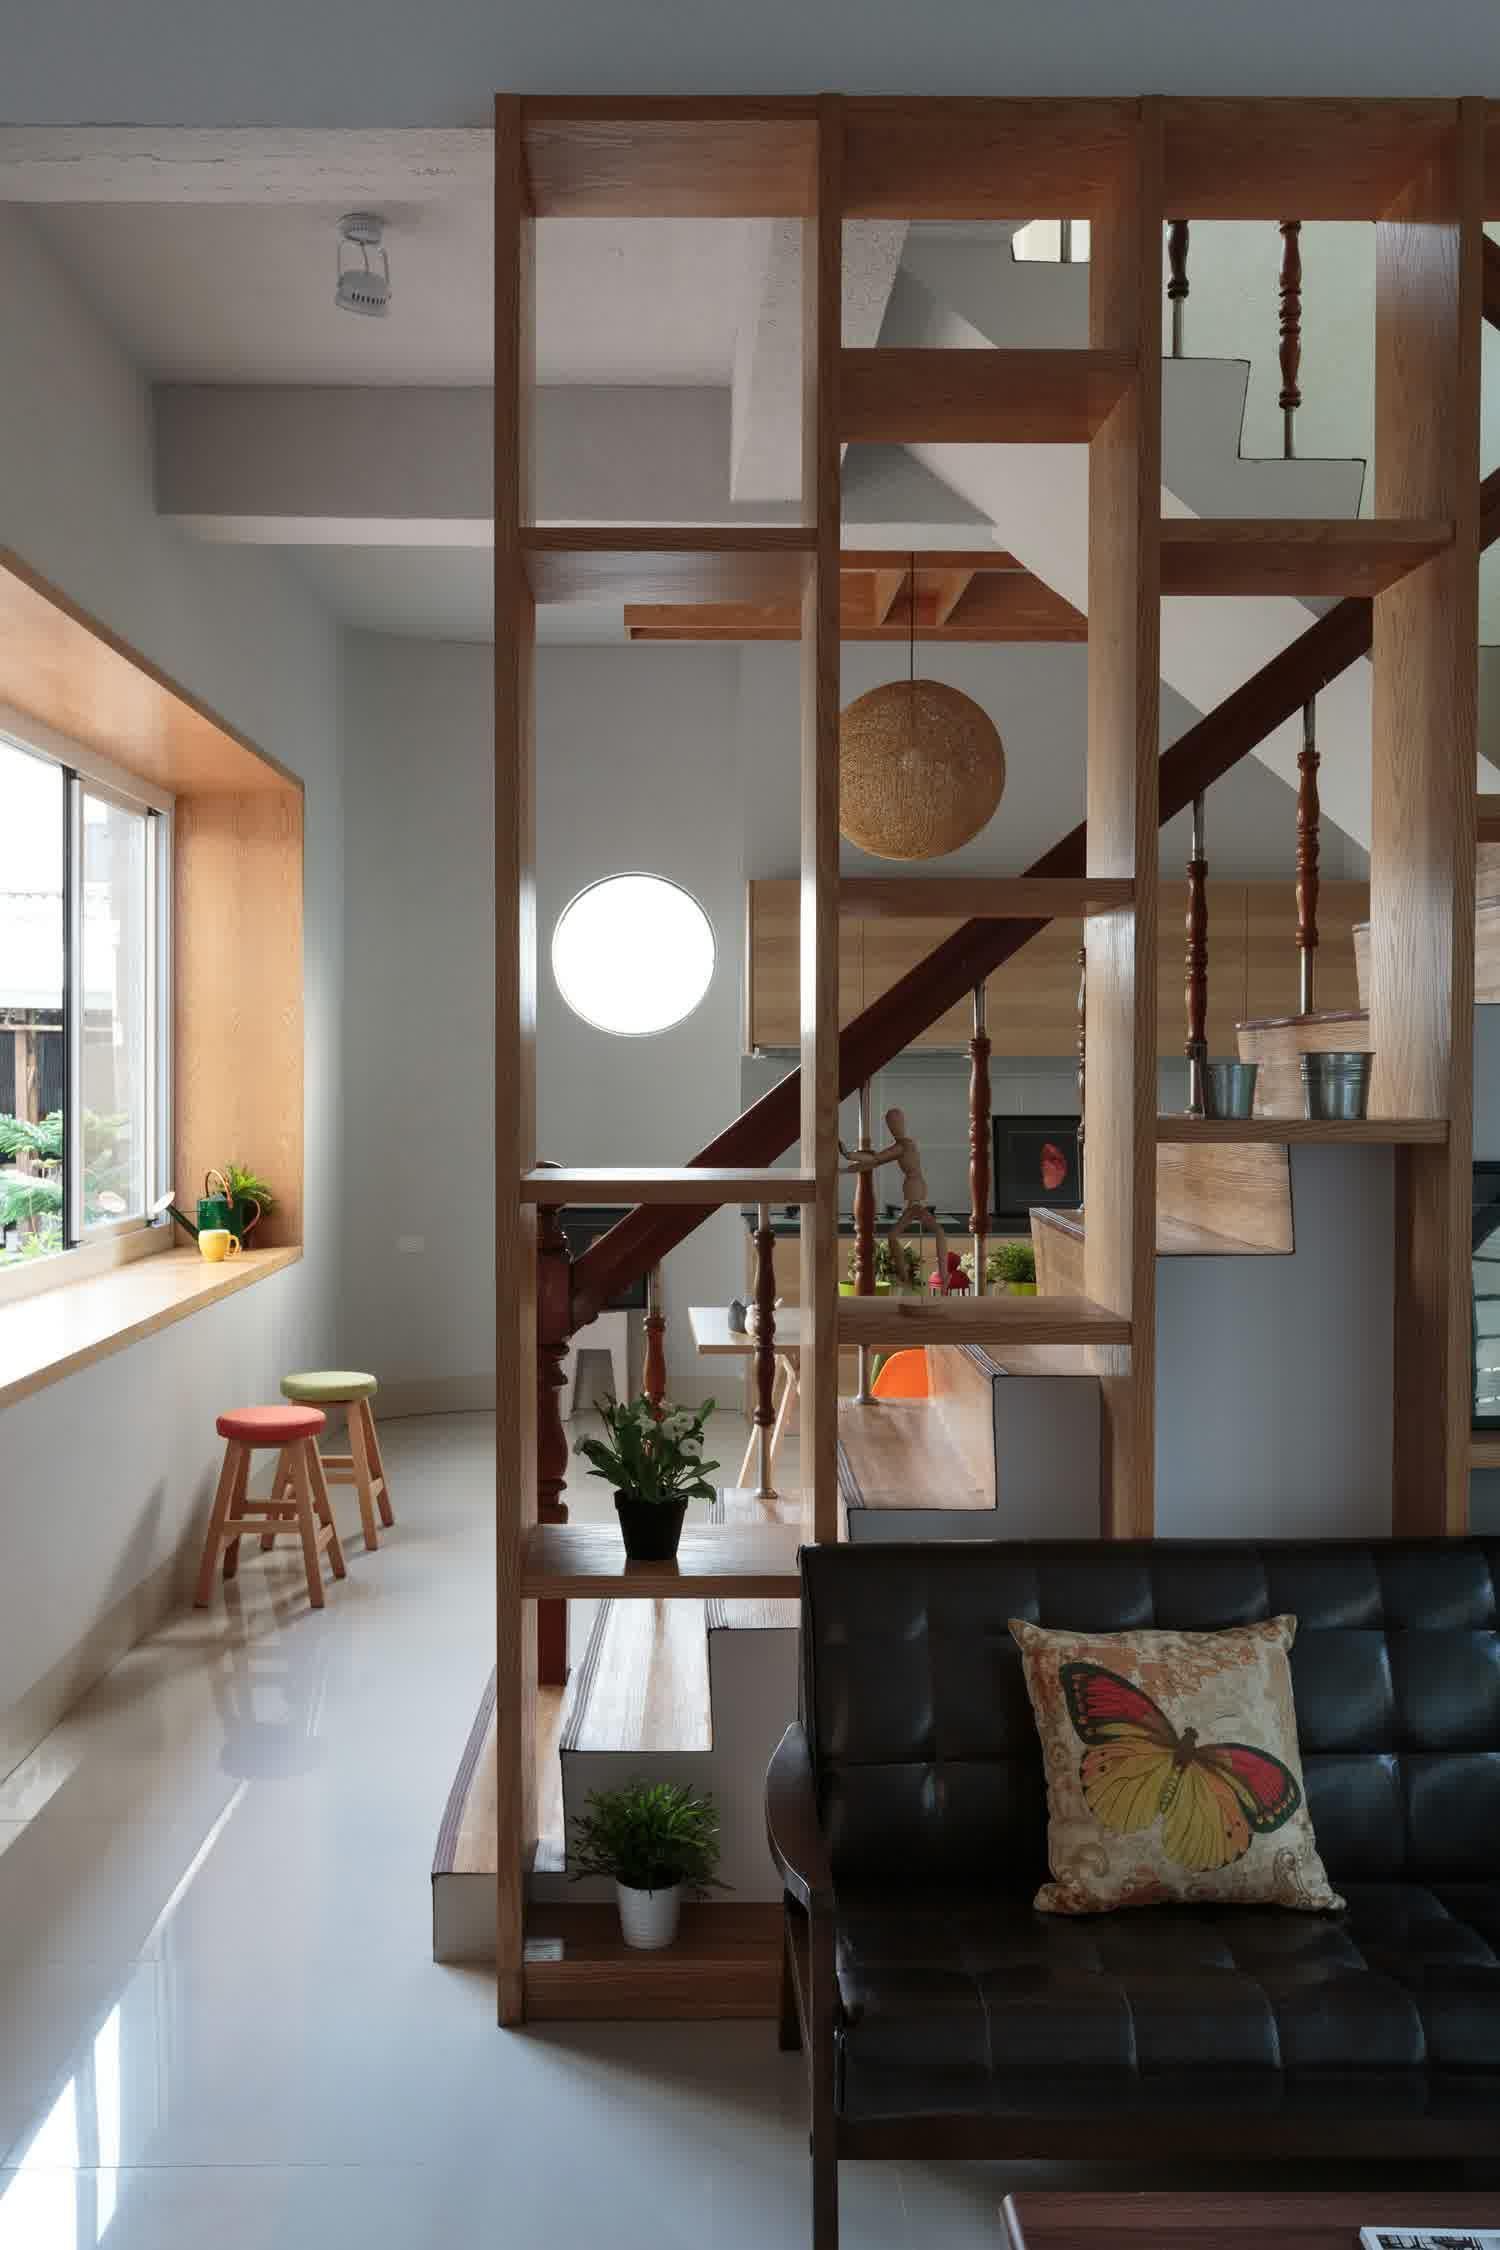 beautiful einfache dekoration und mobel einrichtungstrends #2: Fesselnd Liebenswert Wohnen Raumteiler Gesunde Deko Ideen